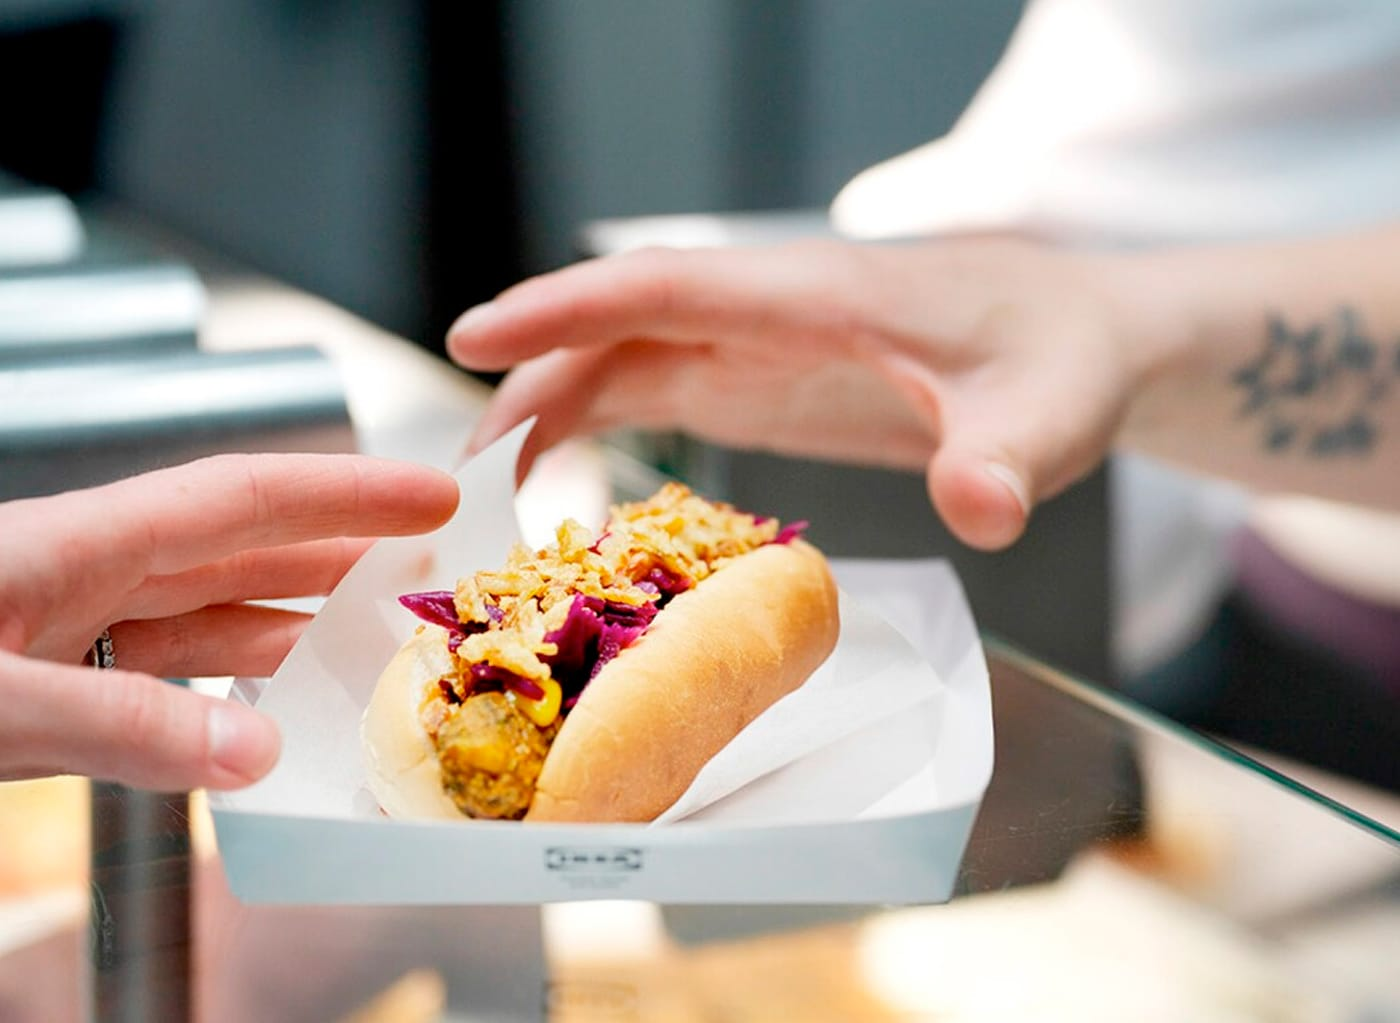 Hol dir bei deinem nächsten IKEA Besuch doch einfach mal den leckeren vegetarischen Hotdog aus pflanzlichen Zutaten!